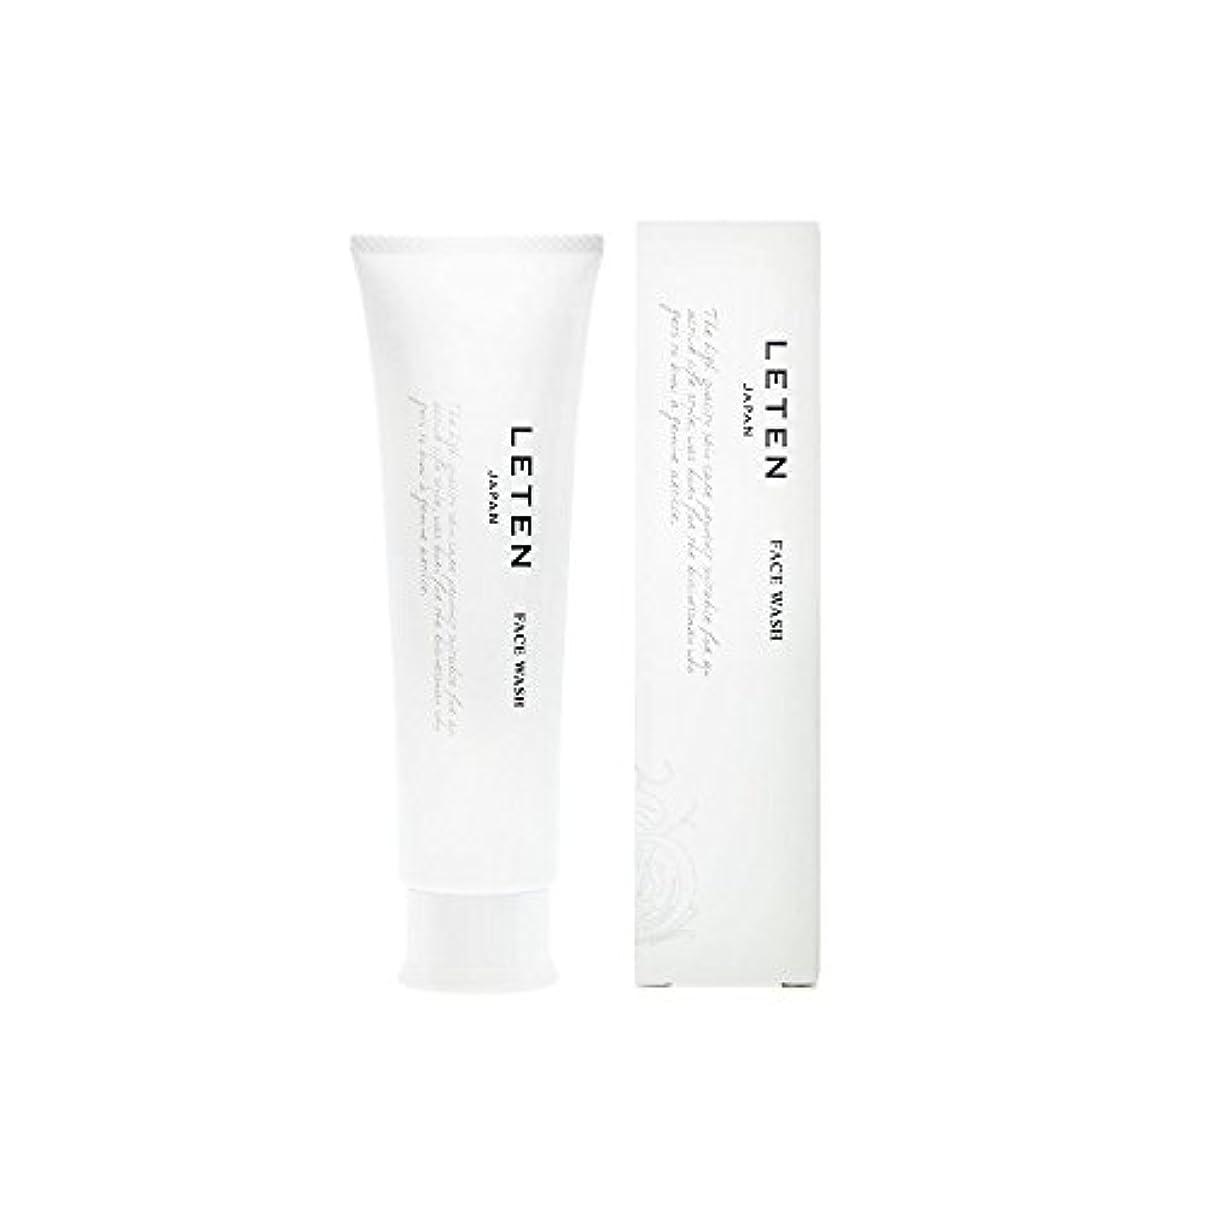 ガラガラ天入札レテン (LETEN) フェイスウォッシュ 100g 洗顔フォーム 洗顔料 敏感肌